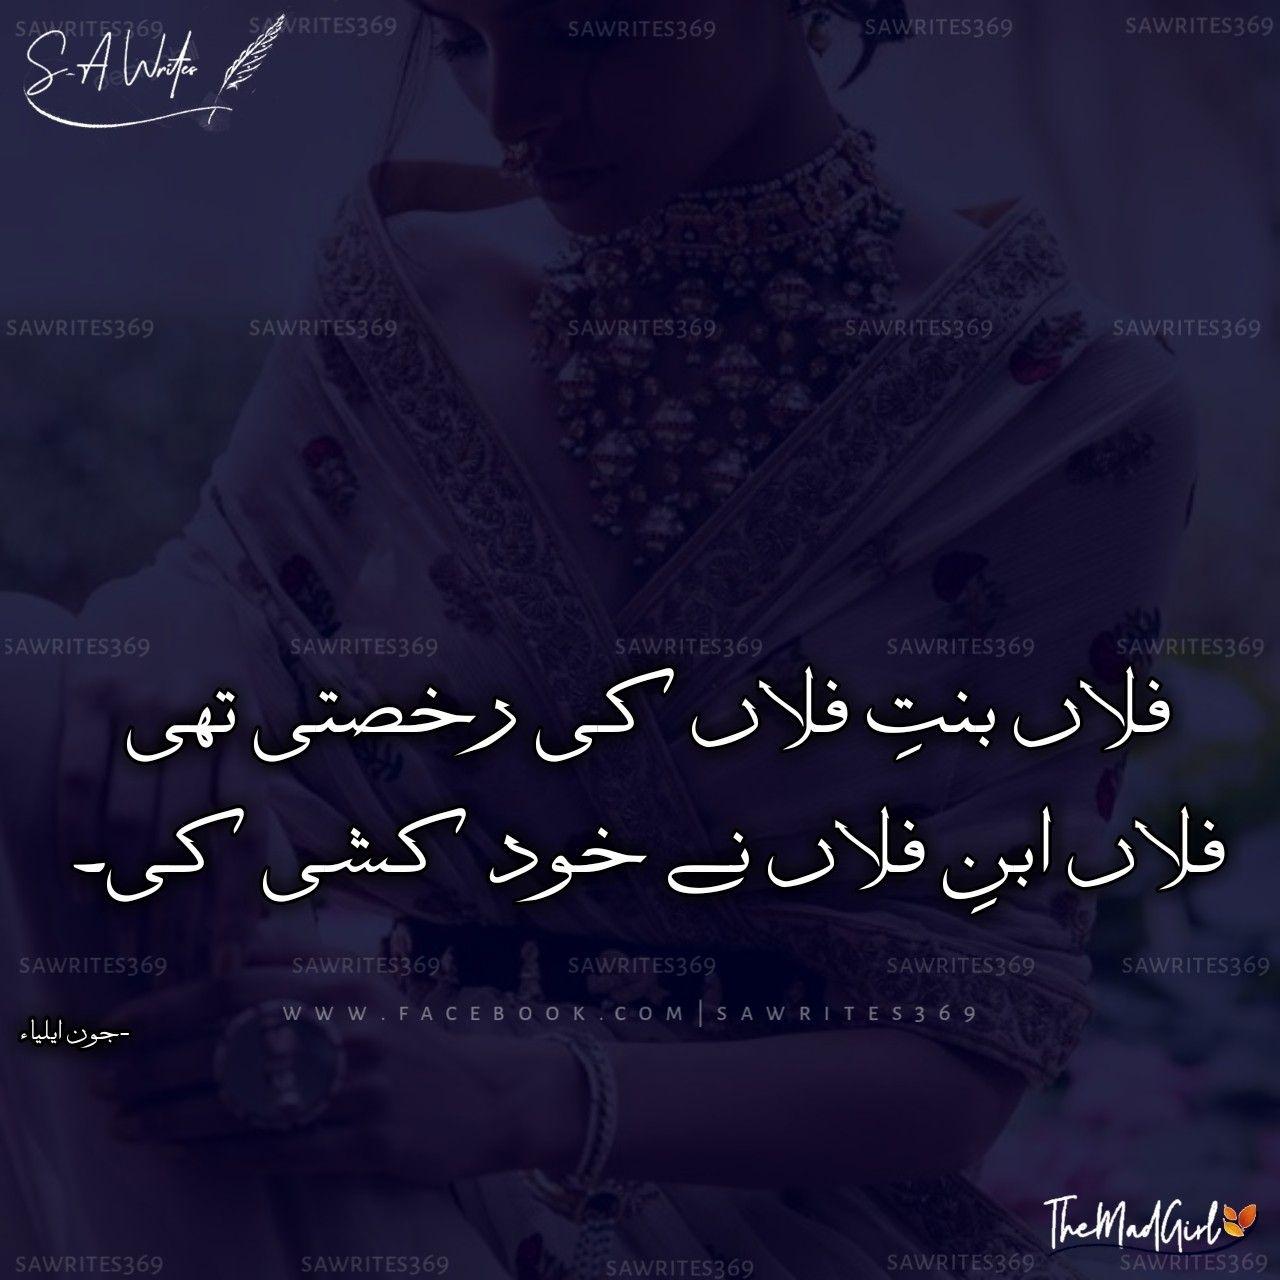 Pin by S_A WriTeS on urdu posts | John elia poetry, Poetry ...